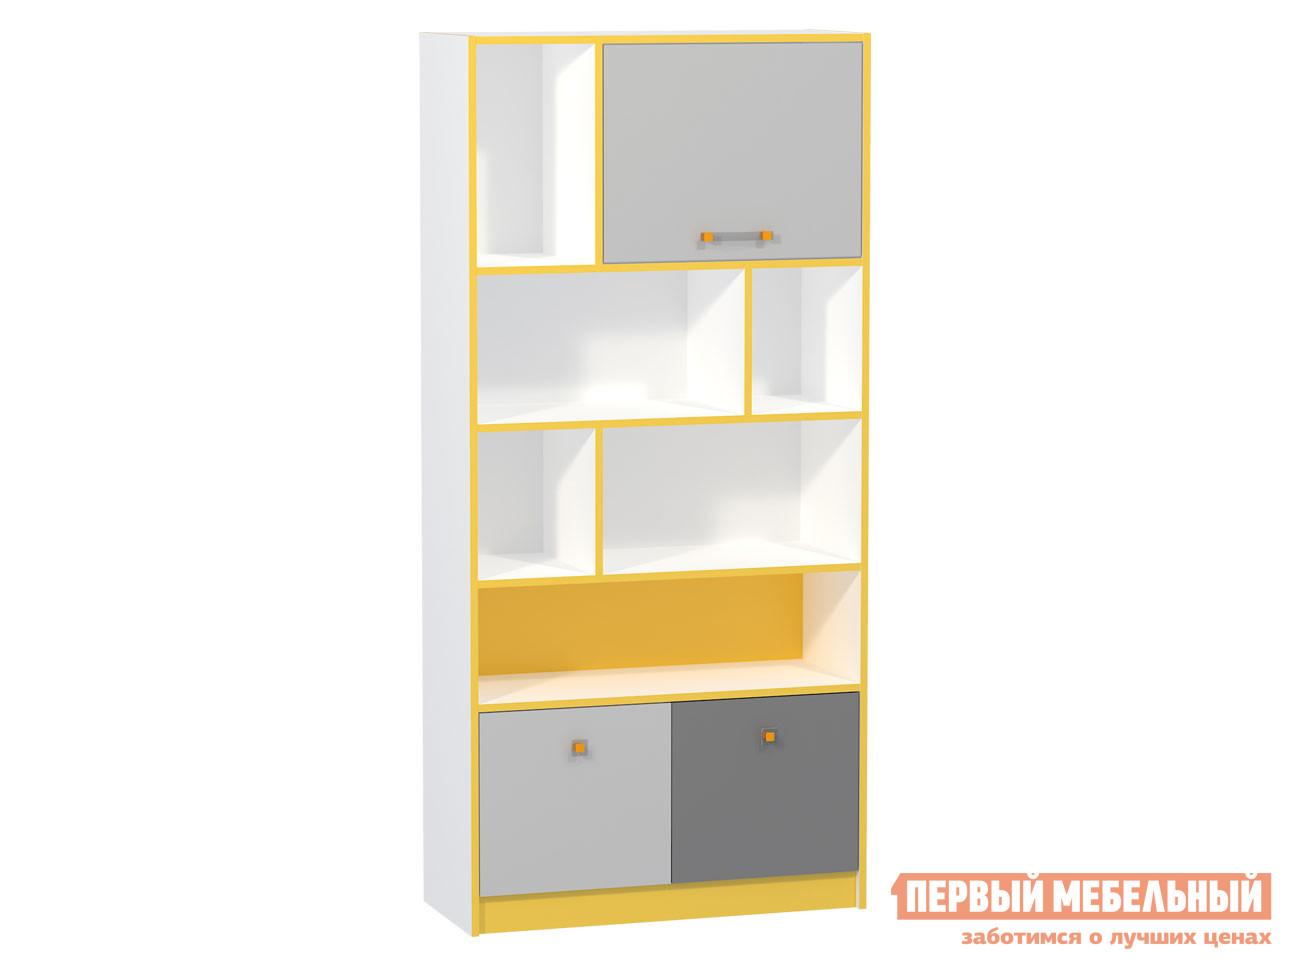 Стеллаж в детскую Первый Мебельный Альфа Стеллаж 09.136 стеллаж в детскую первый мебельный стеллаж с ящиками палермо 3